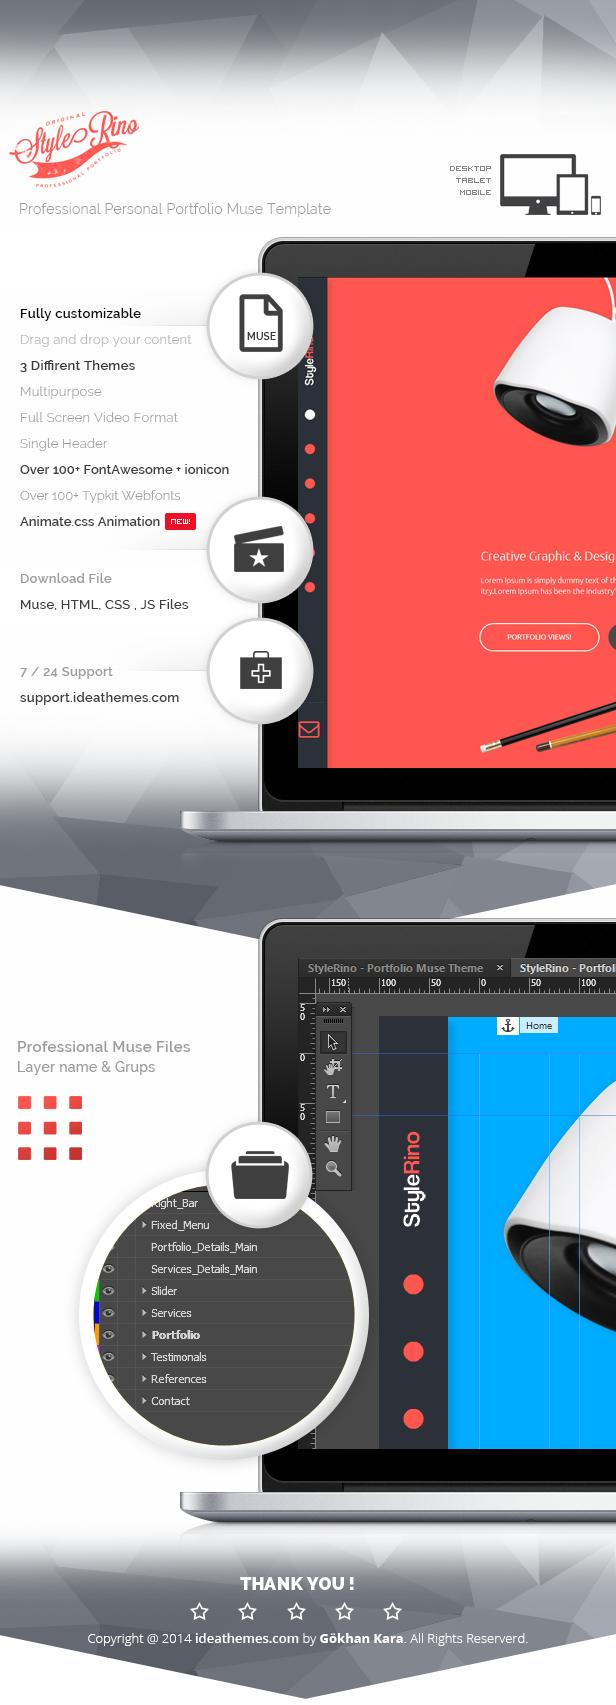 StyleRino - MultiPurpose Portfolio Muse Theme